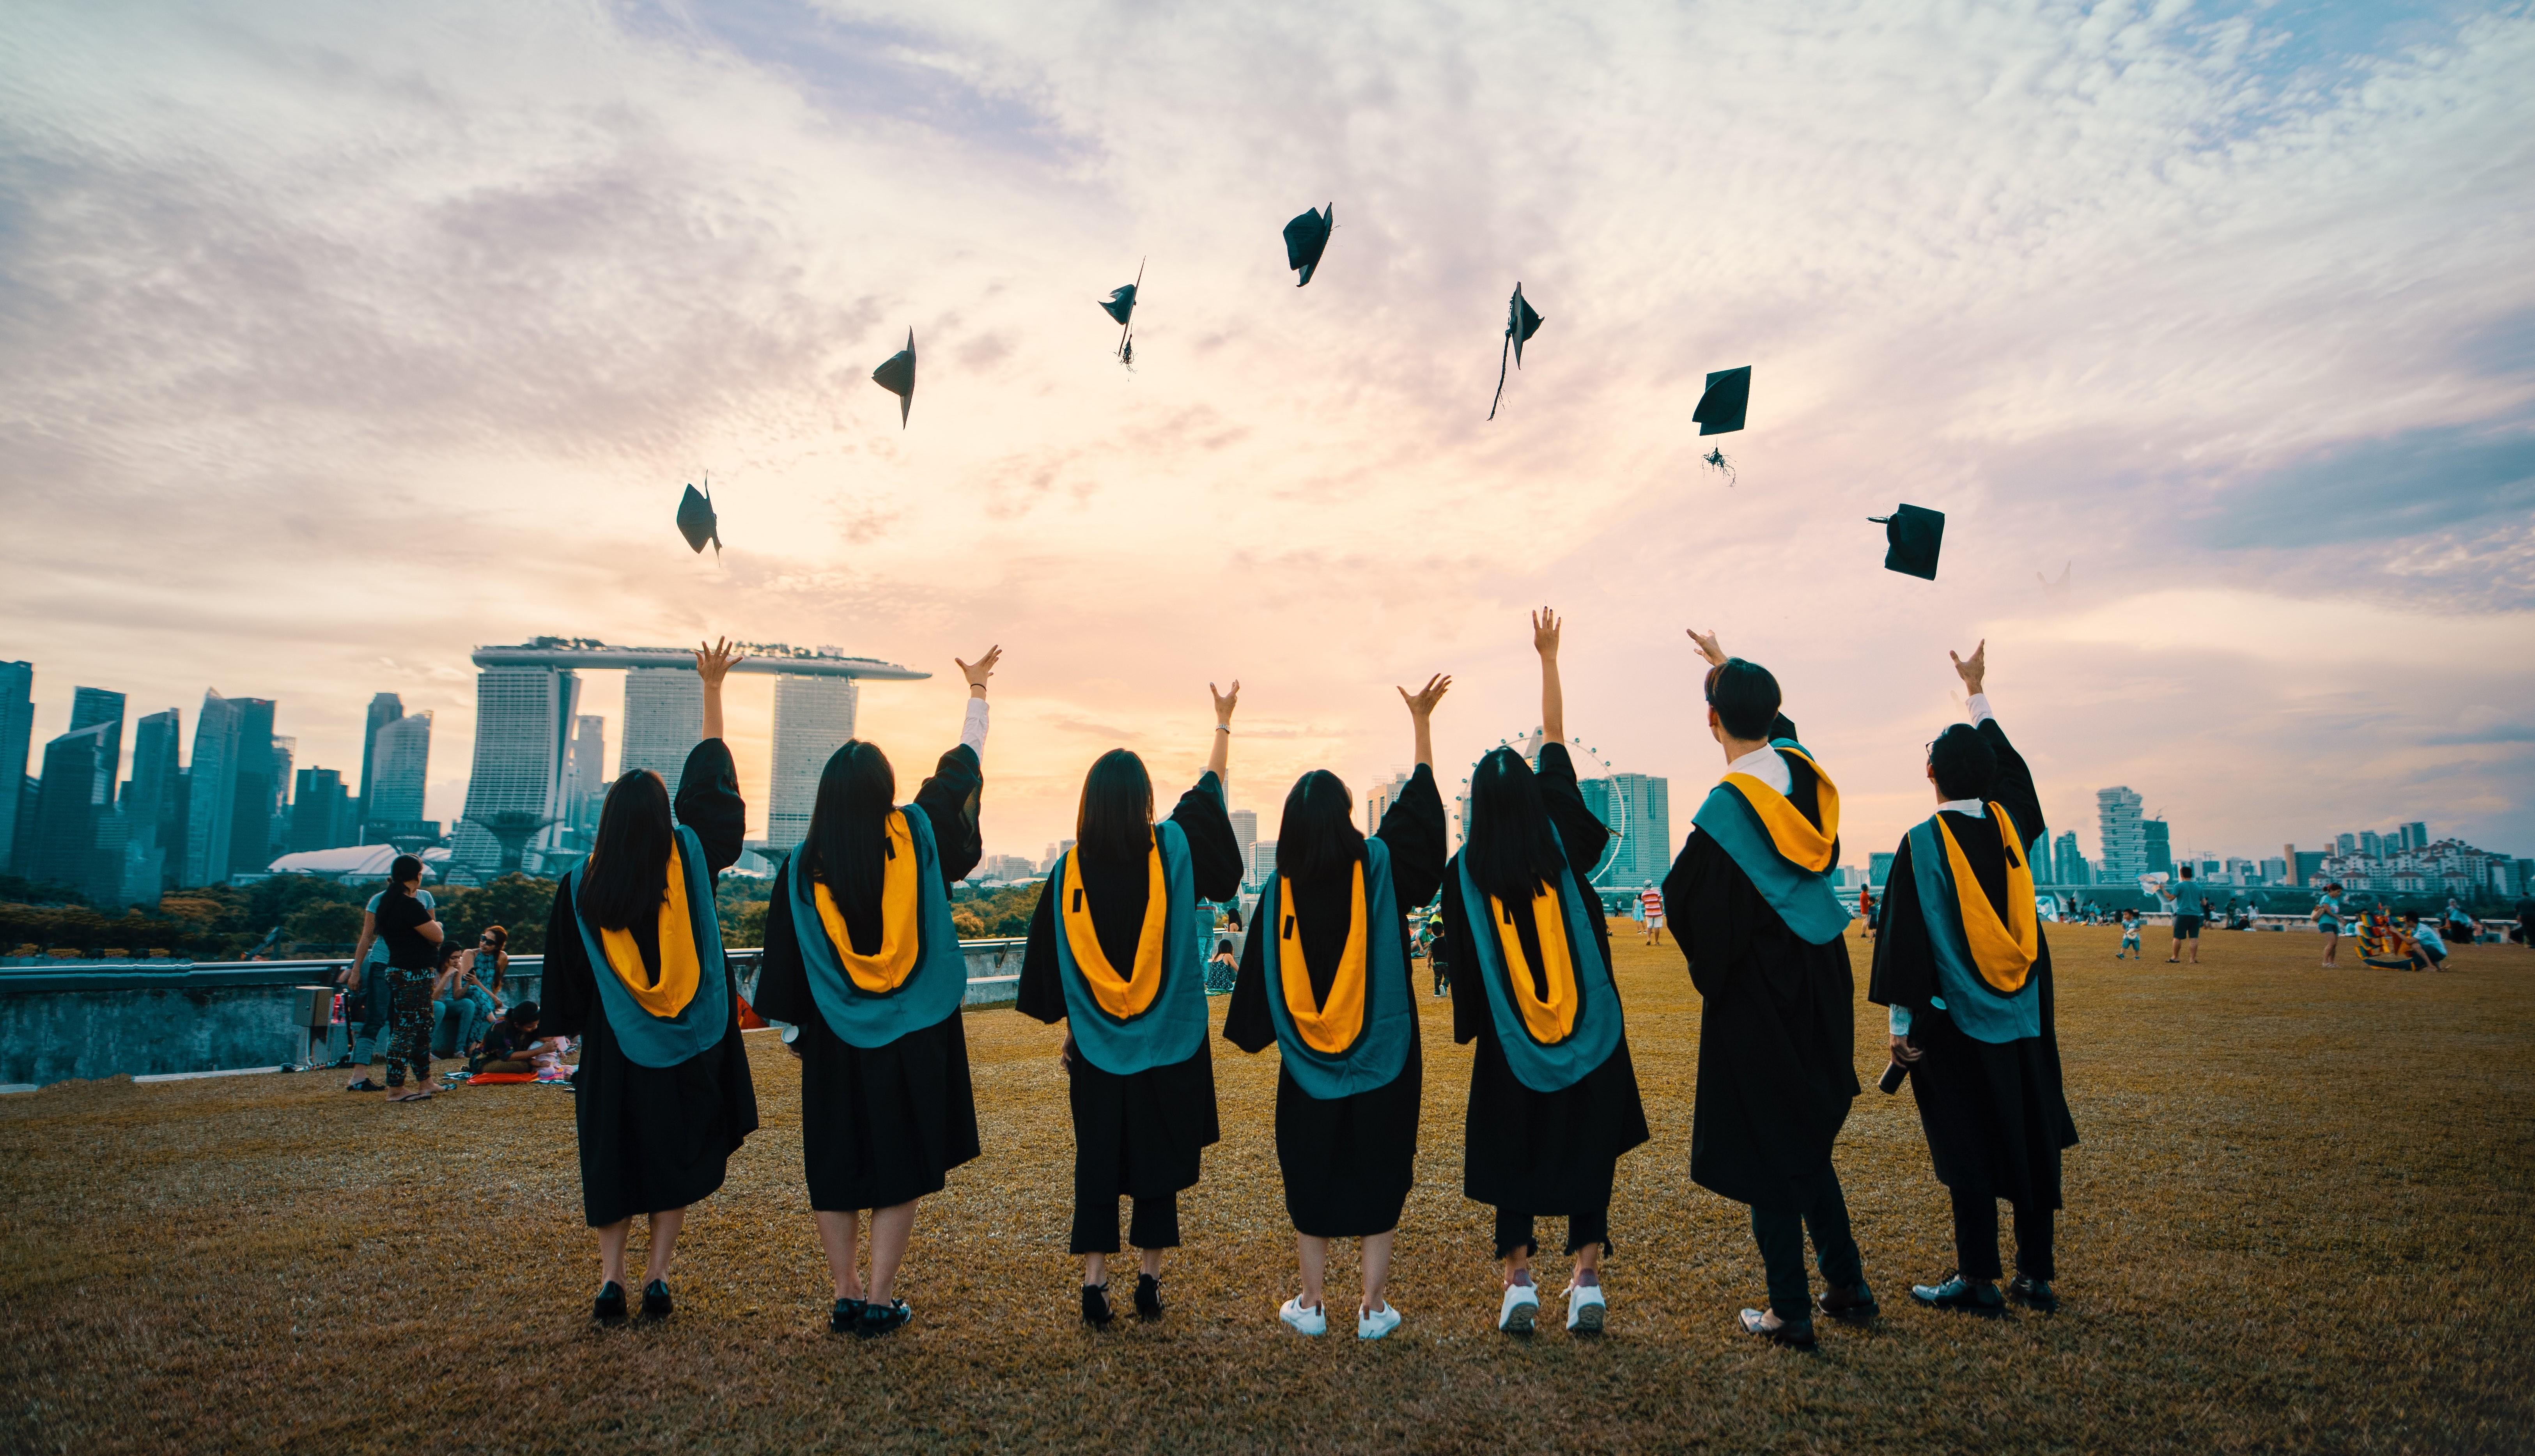 Carreras universitarias más populares entre las mujeres